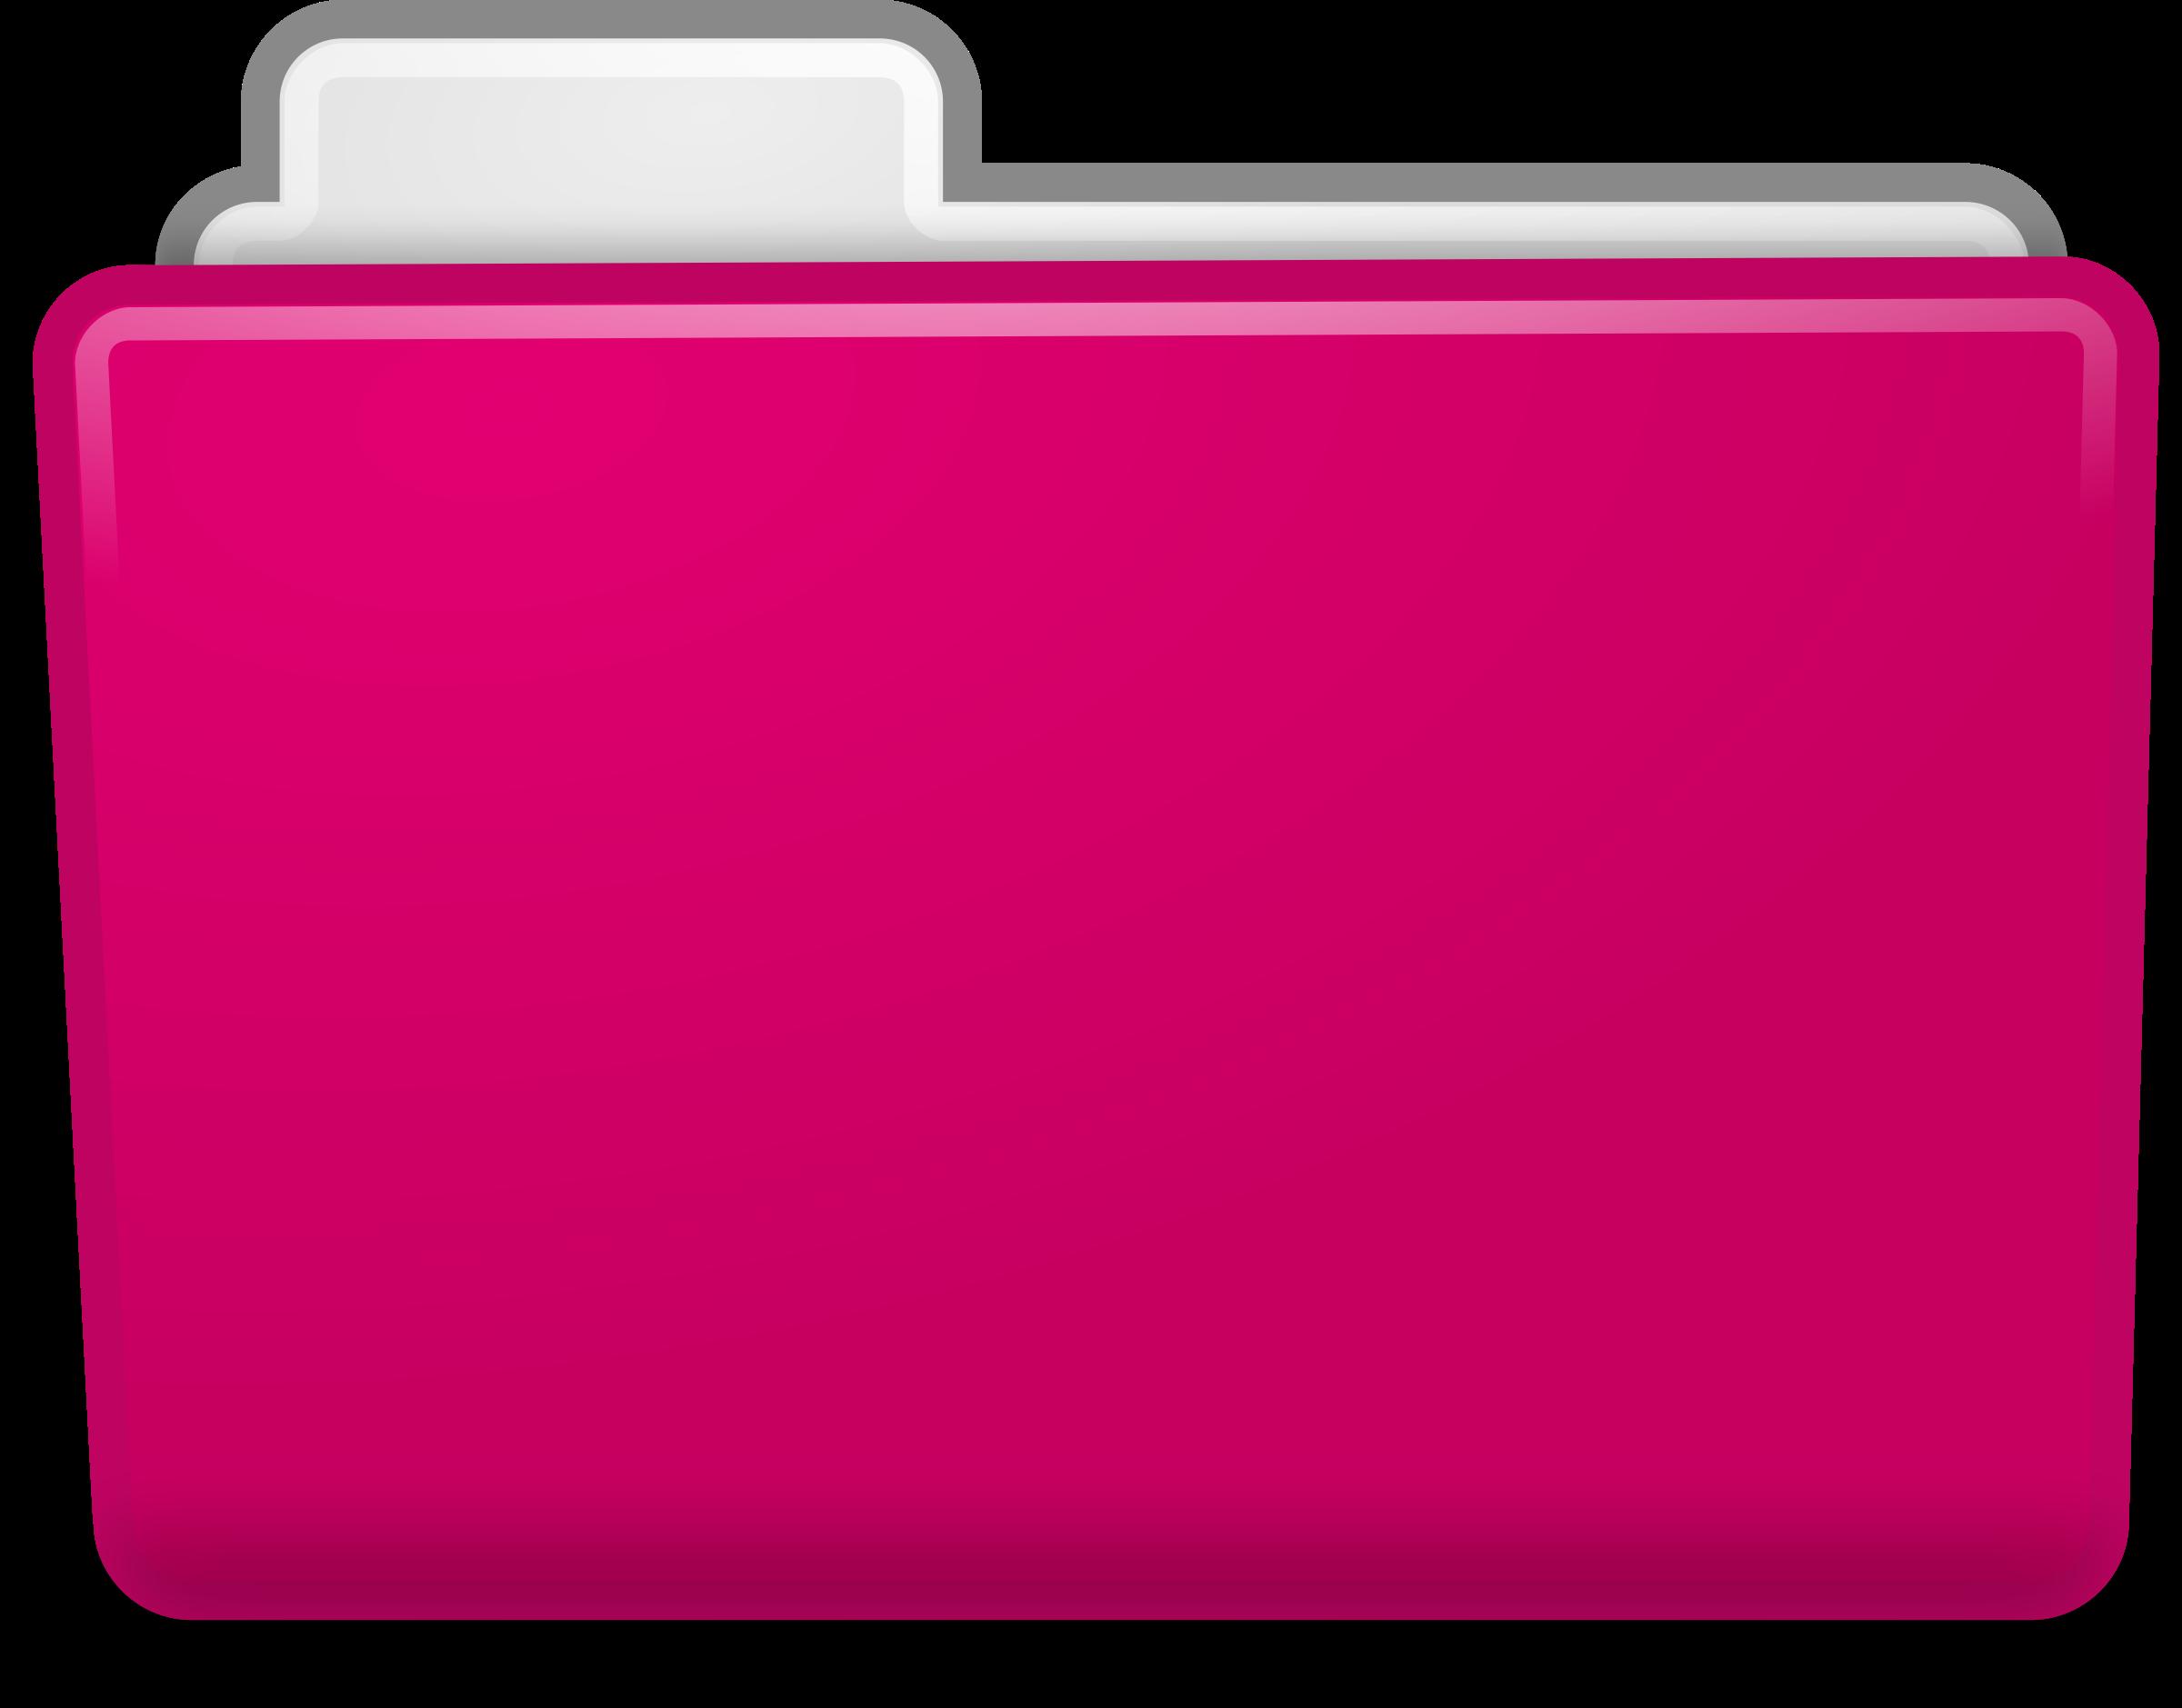 folder clipart pink